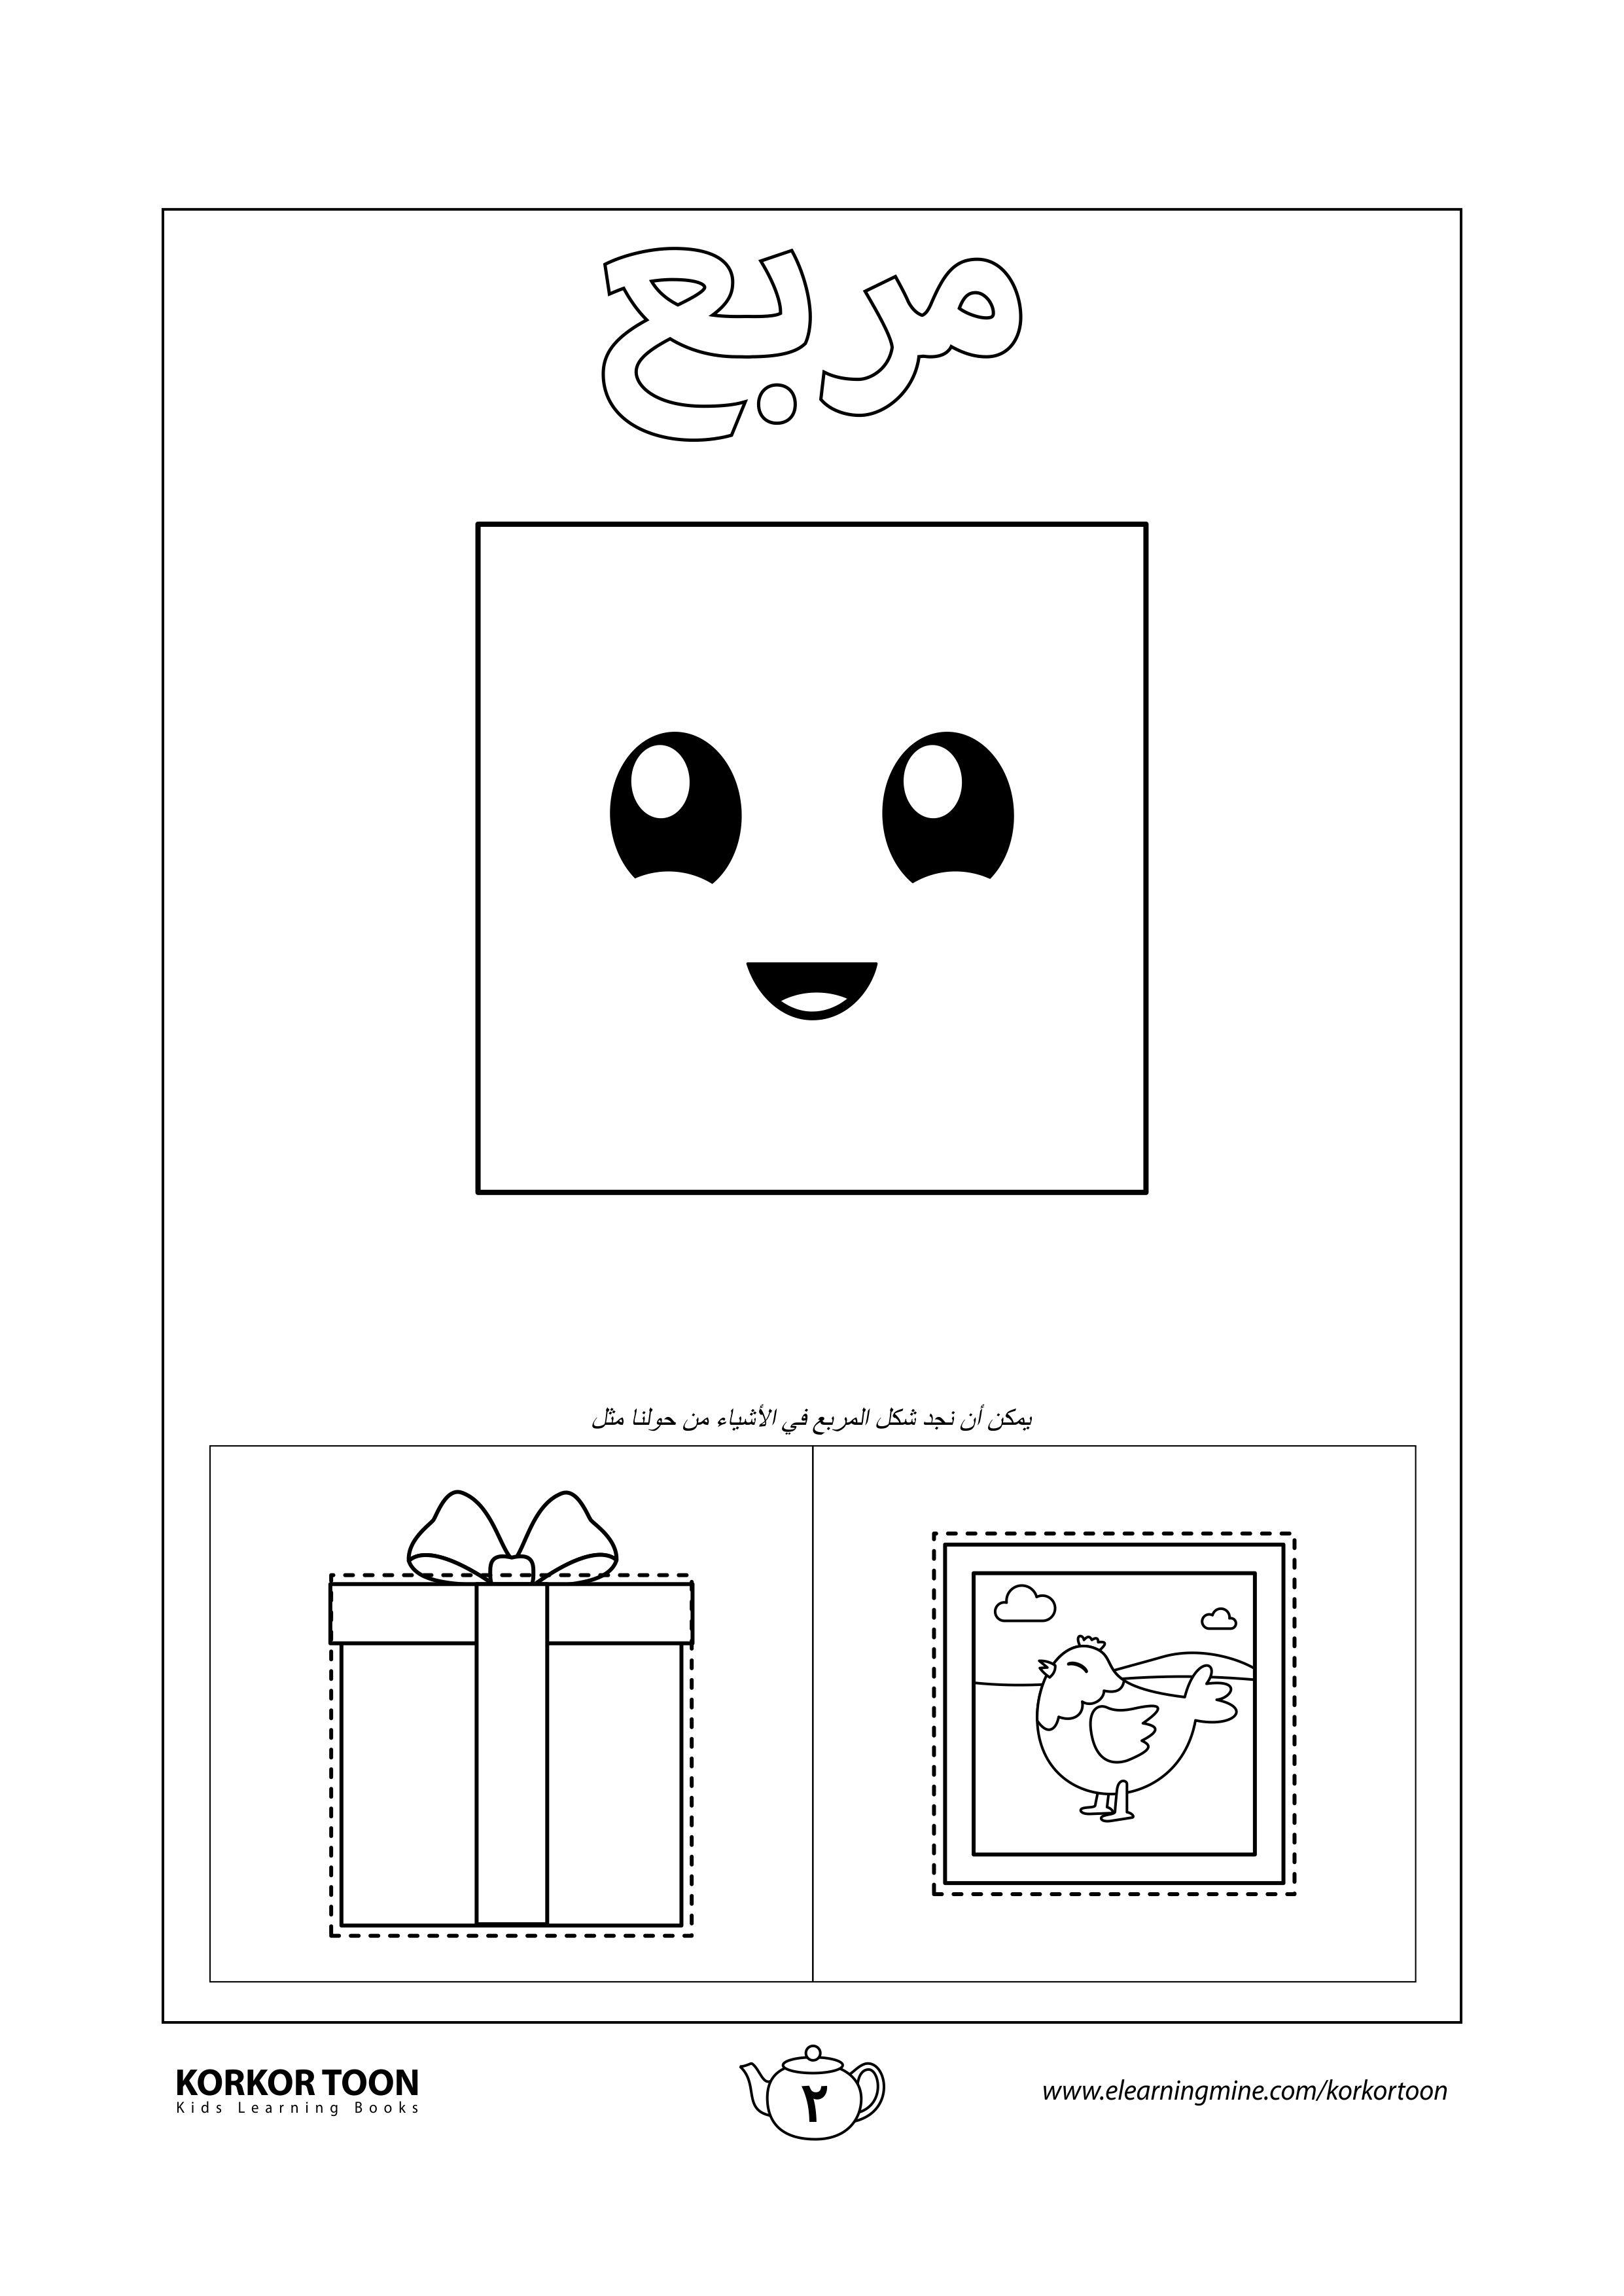 كتاب تلوين الأشكال الهندسية تلوين شكل المربع صفحة 2 Abc Coloring Pages Coloring Books Abc Coloring